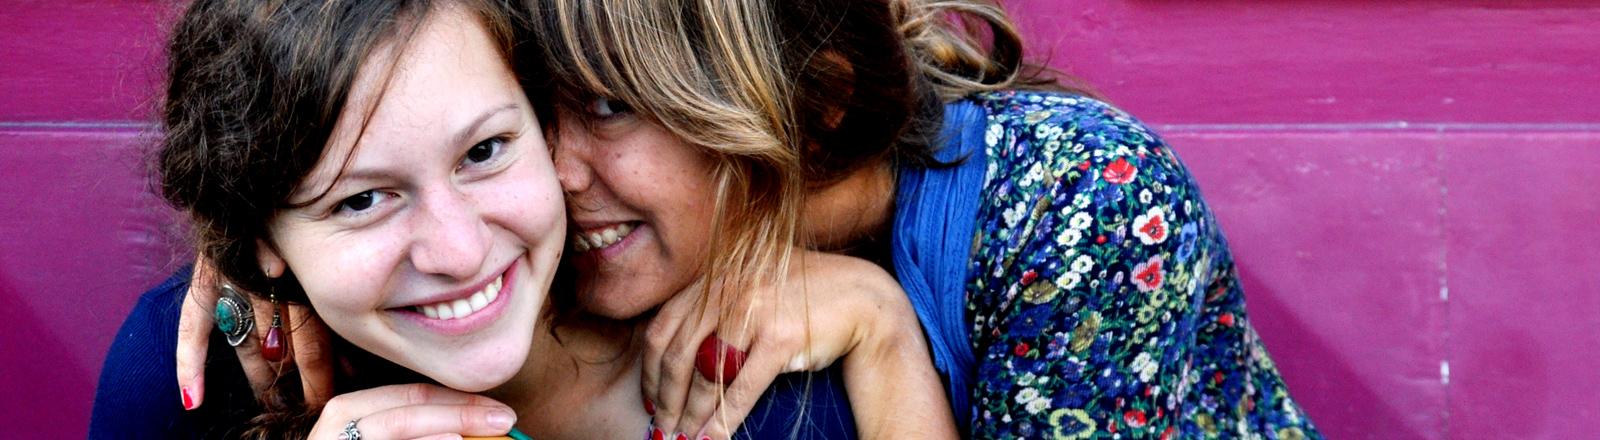 Zwei junge Frauen schmusen.